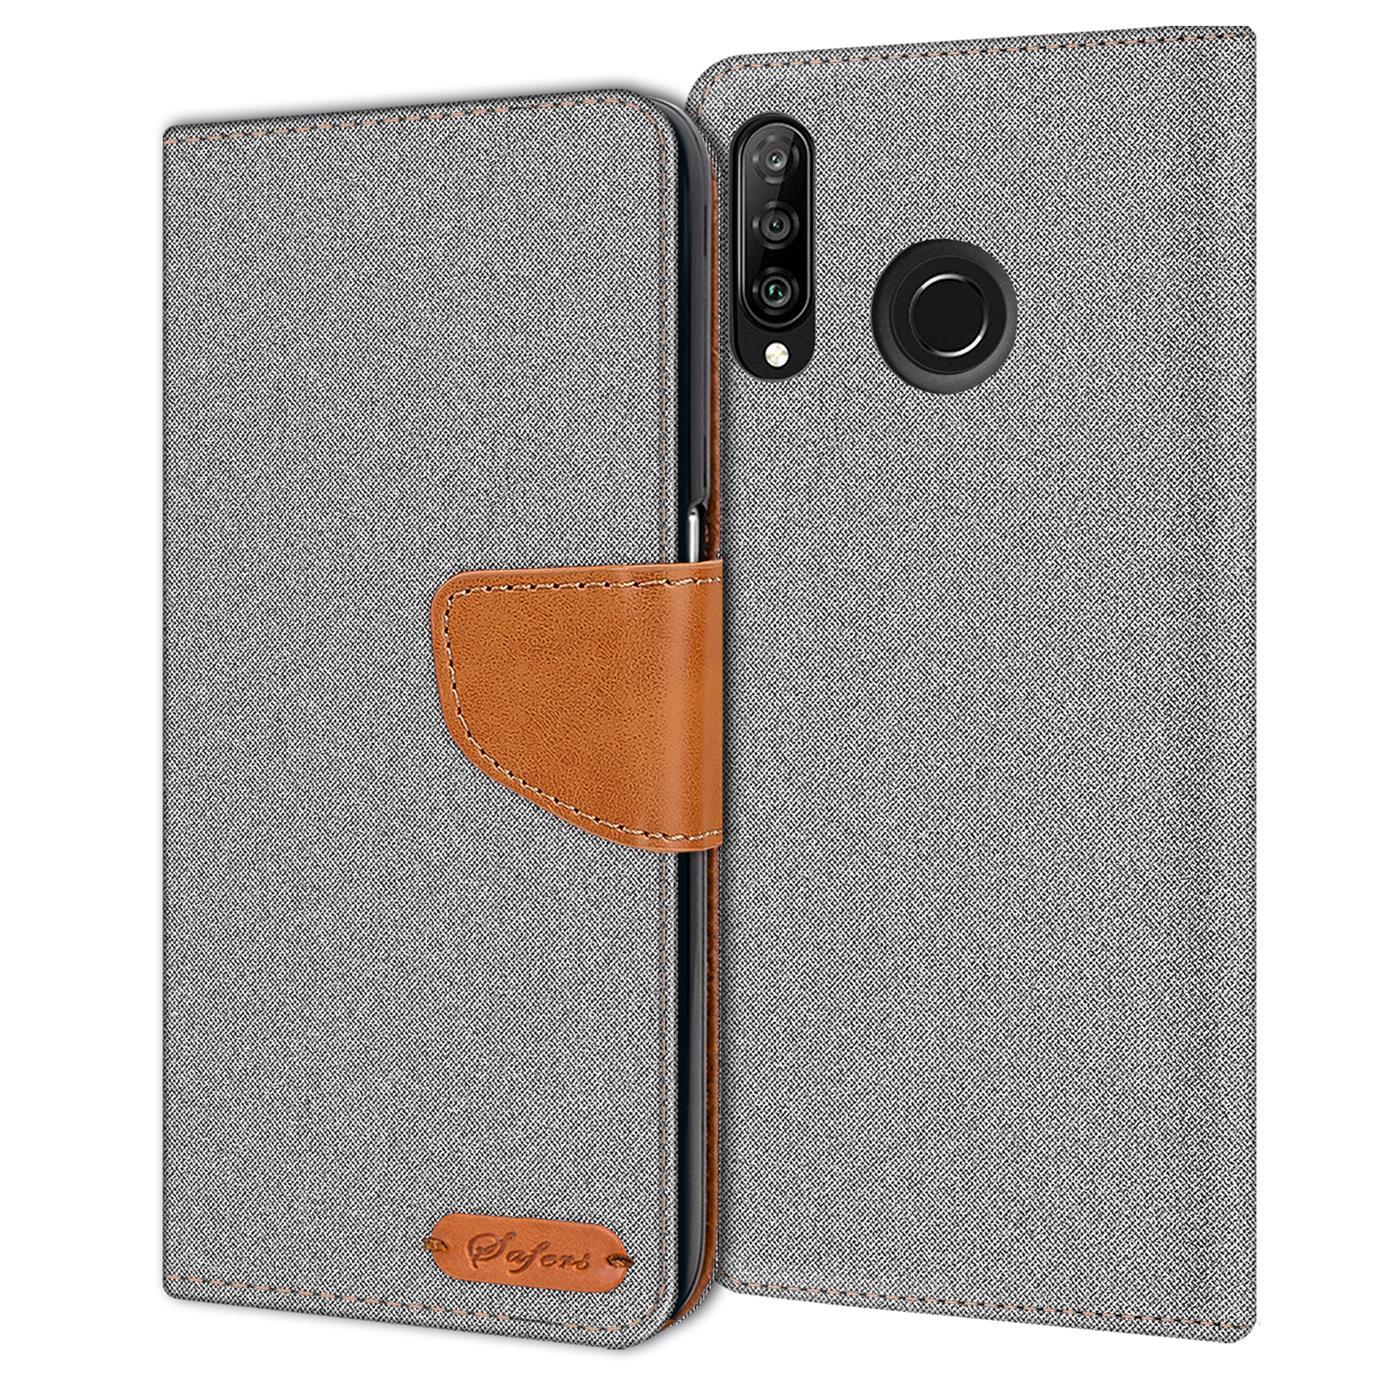 Schutzhuelle-Handy-Huelle-Flip-Case-Klapp-Tasche-Book-Case-Cover-Handyhuelle-Etui Indexbild 24